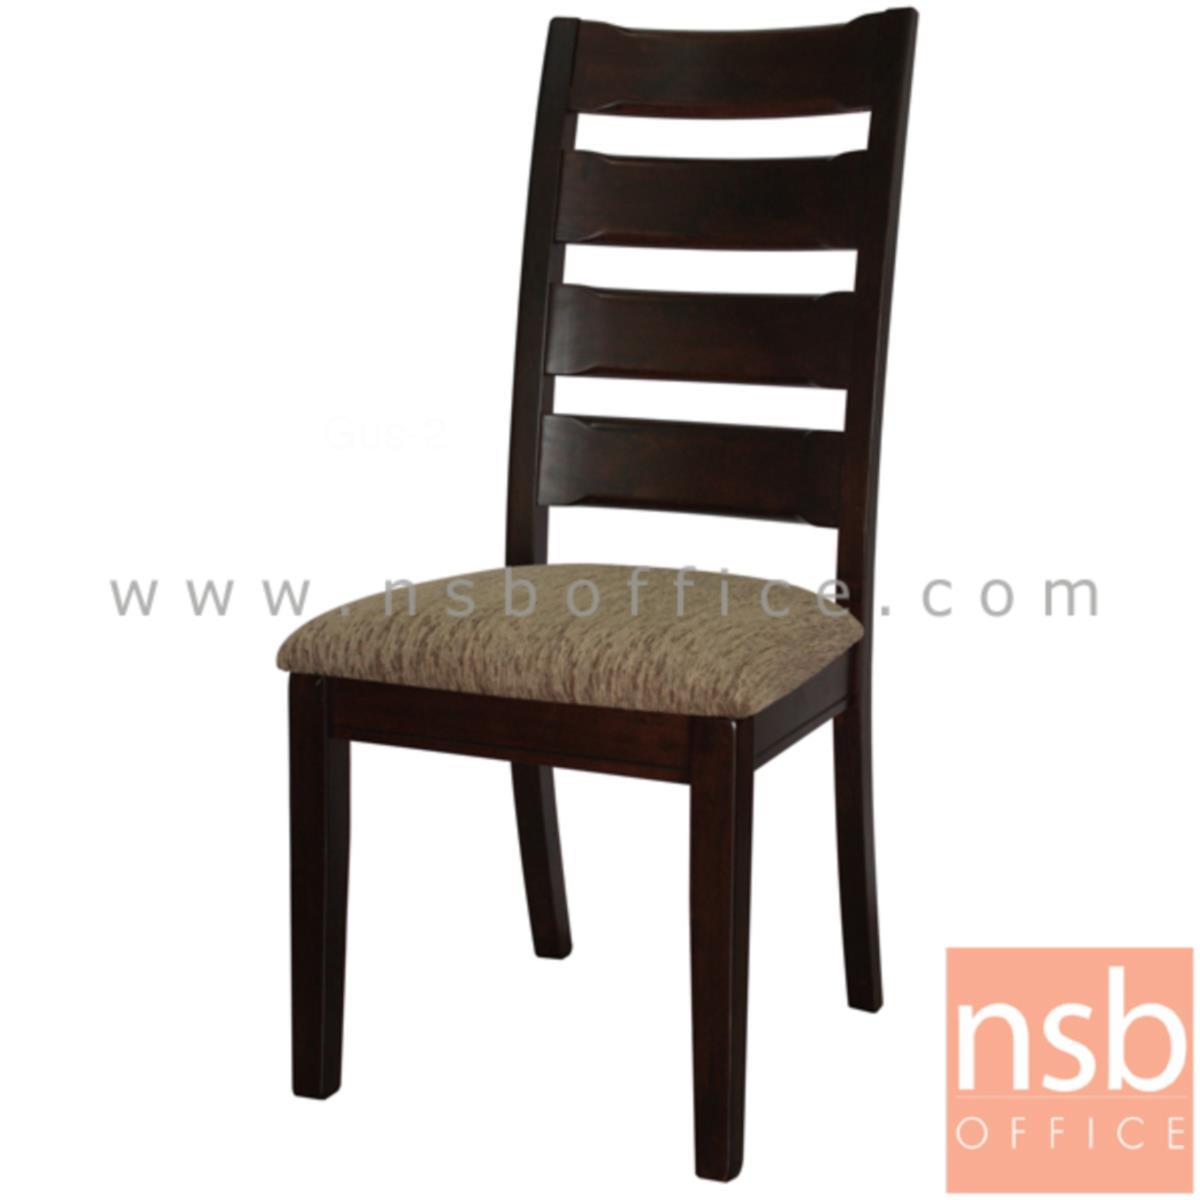 B22A135:เก้าอี้ไม้ยางพาราที่นั่งหุ้มผ้า รุ่น Alba (อัลบา) ขาไม้